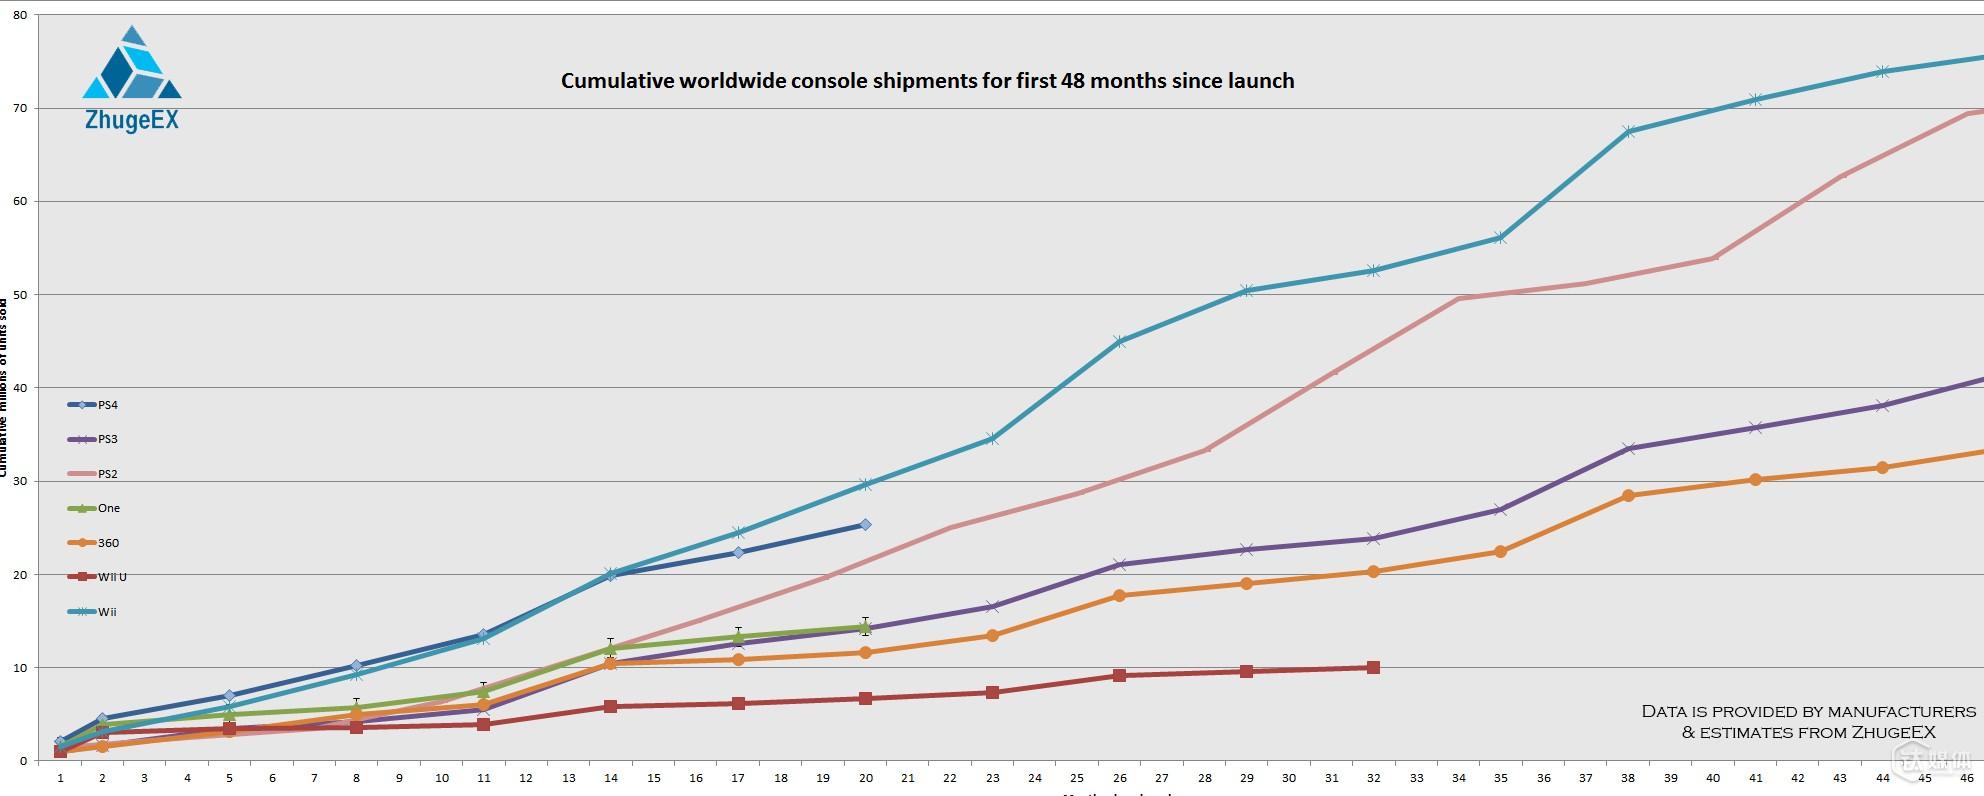 各主机在发售24个月后的销量变化趋势